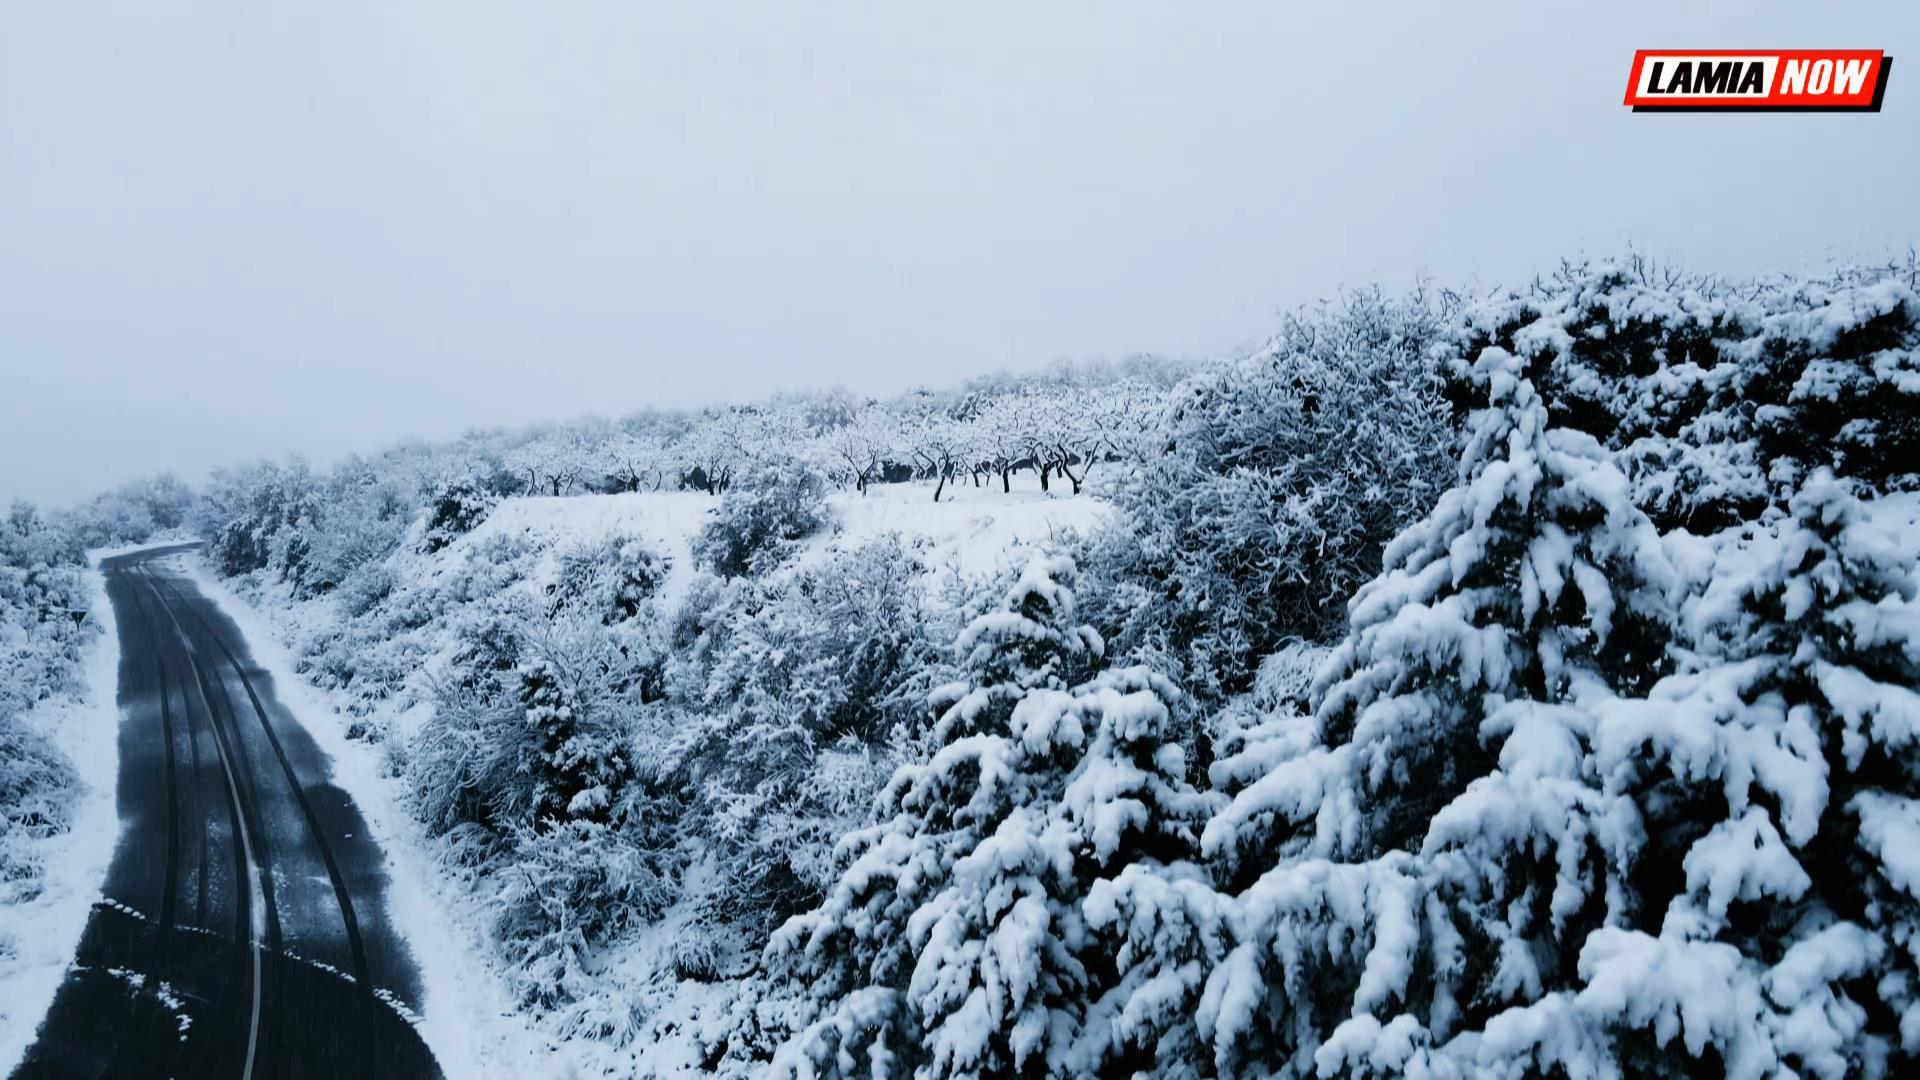 Καιρός – Φθιώτιδα: Ο χιονισμένος Μπράλος από ψηλά – Εικόνες που παραπέμπουν σε πίνακα ζωγραφικής (video)